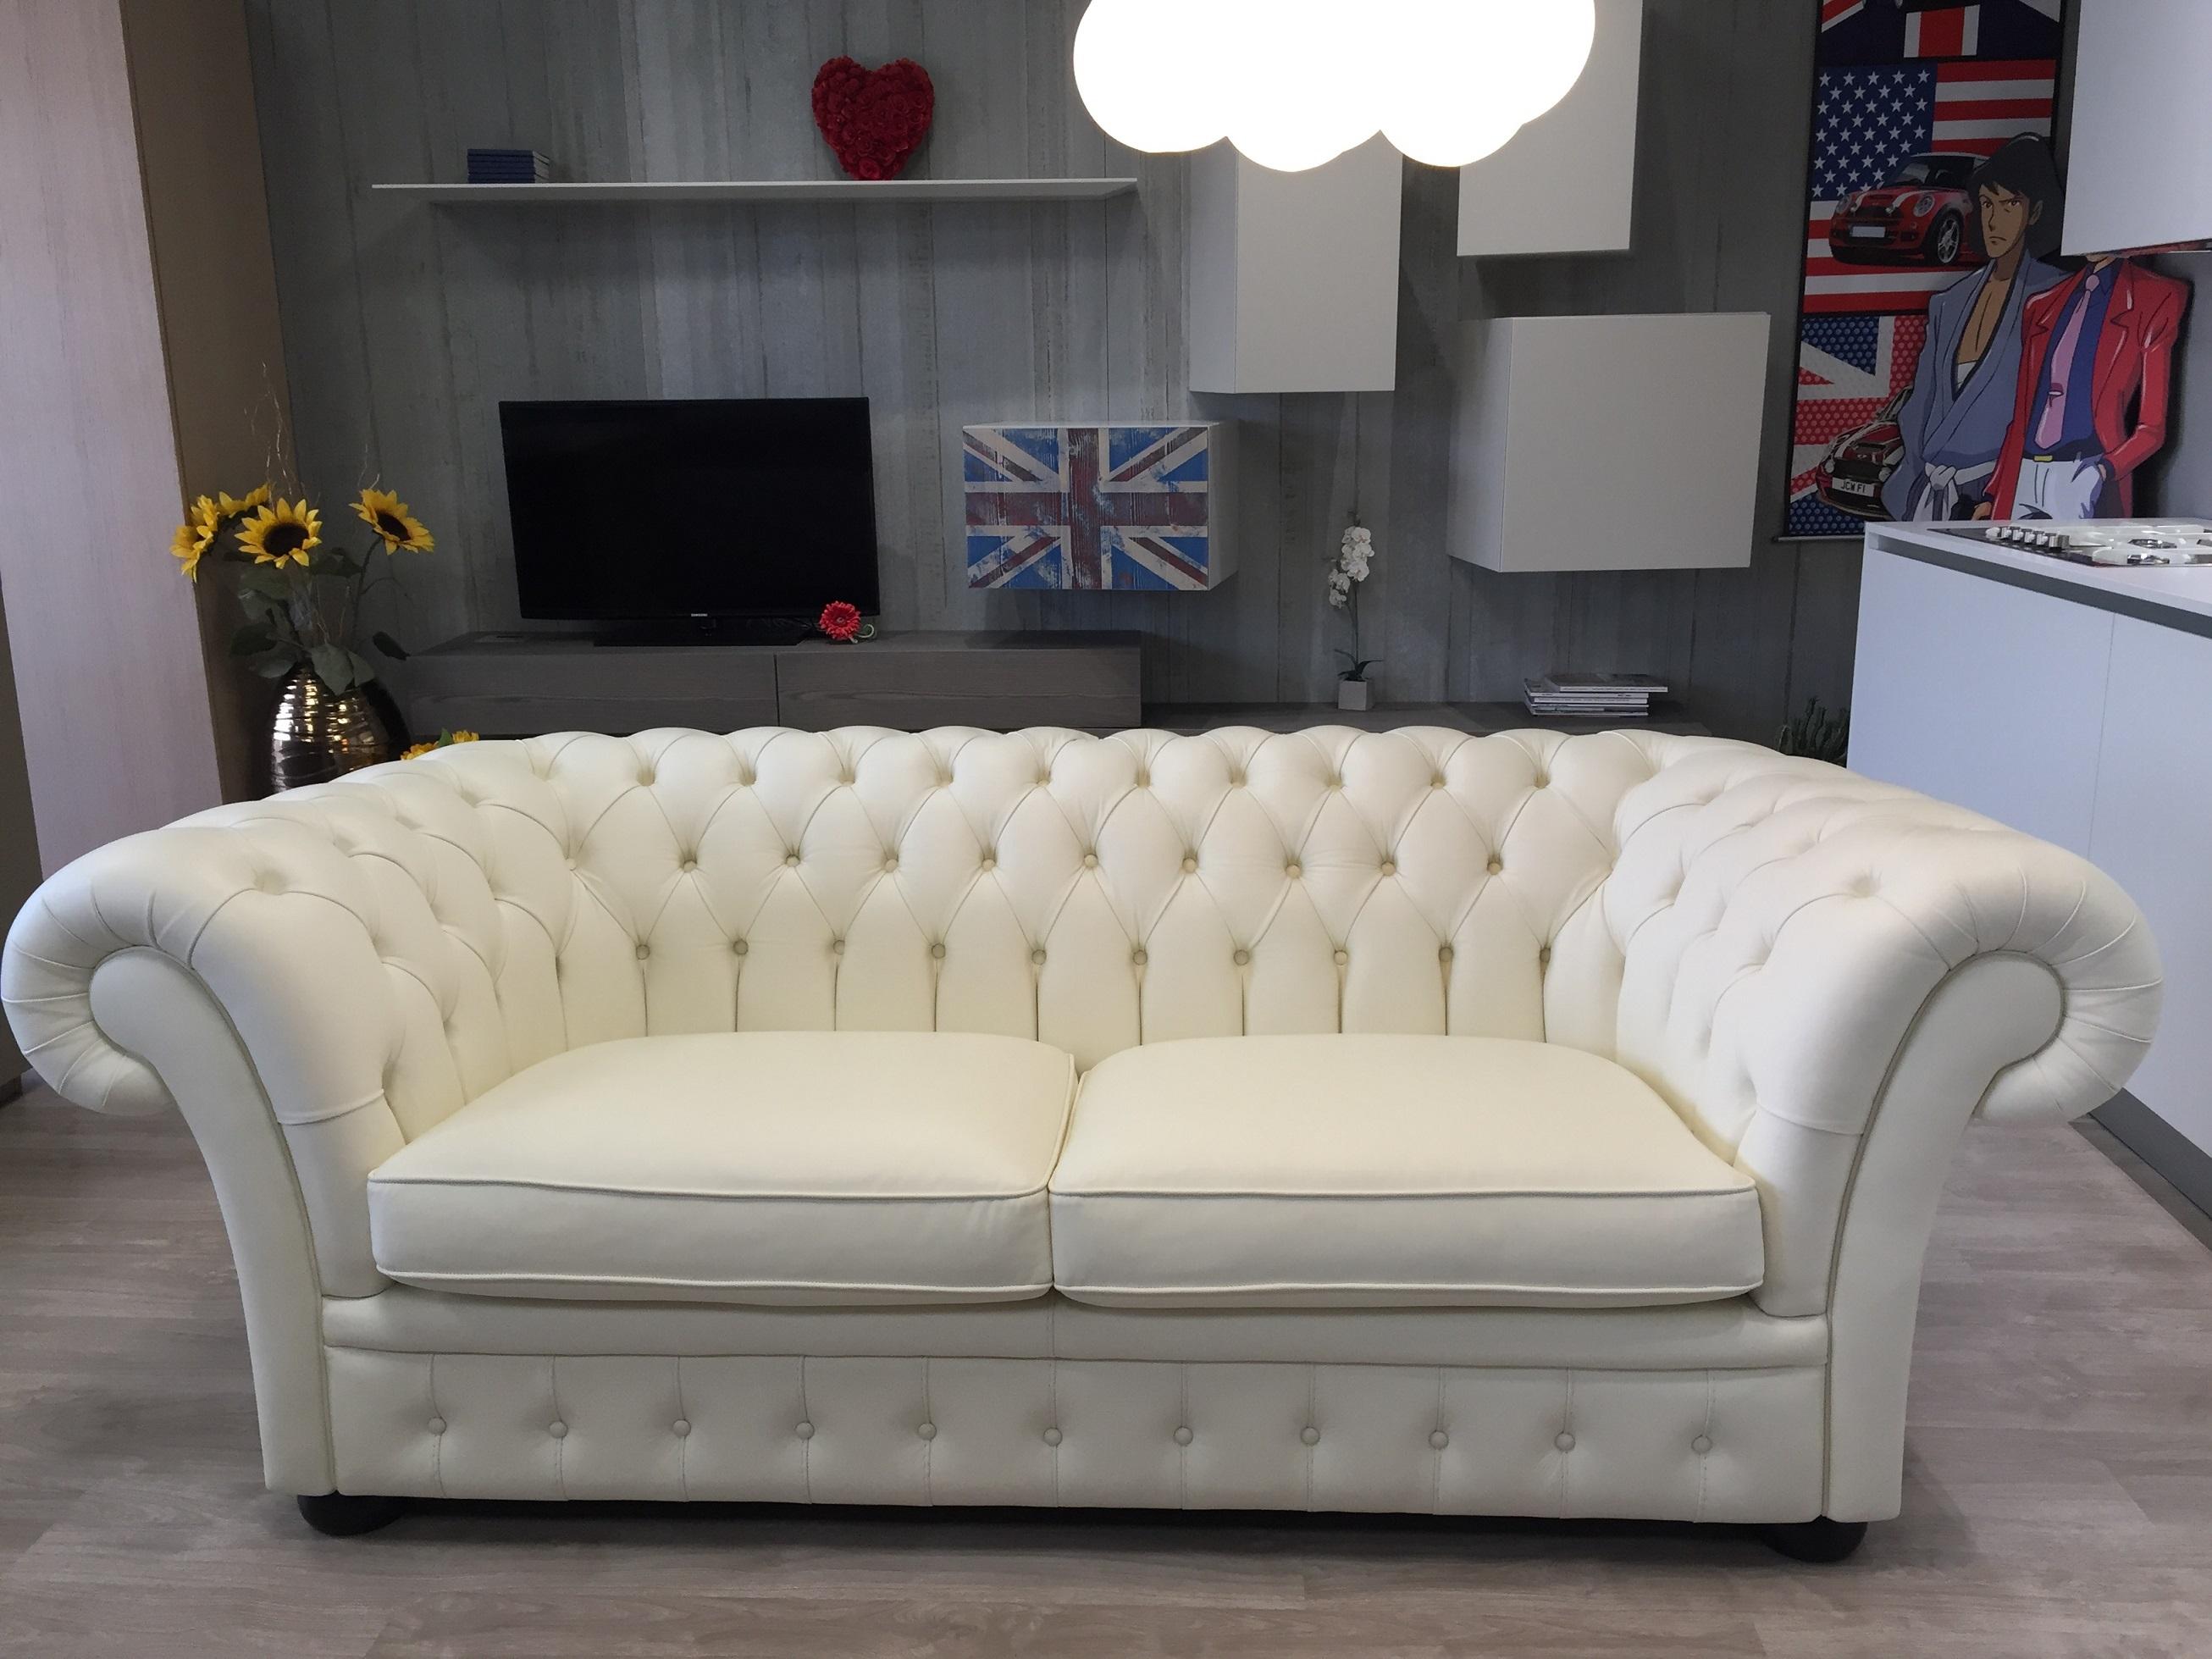 Divano in pelle bianco tipo chesterfield scontato del 72 divani a prezzi scontati - Pulizia divano pelle ...